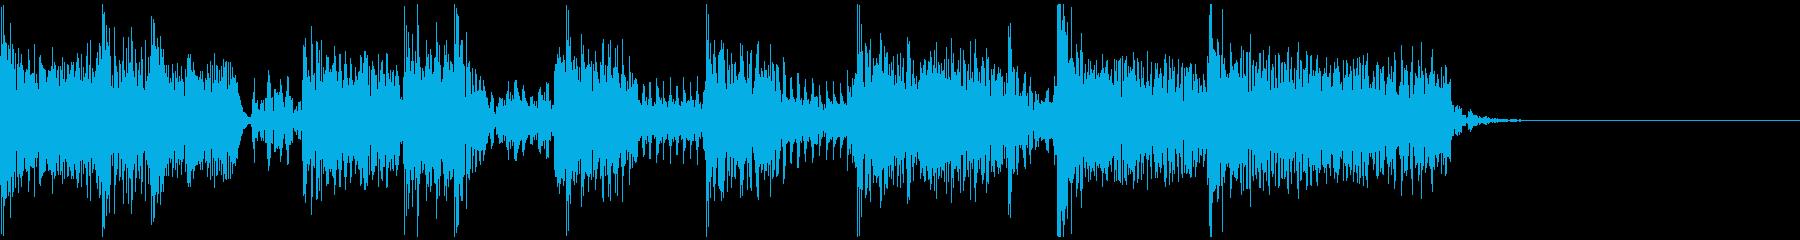 ロックンロールギタージングルの再生済みの波形